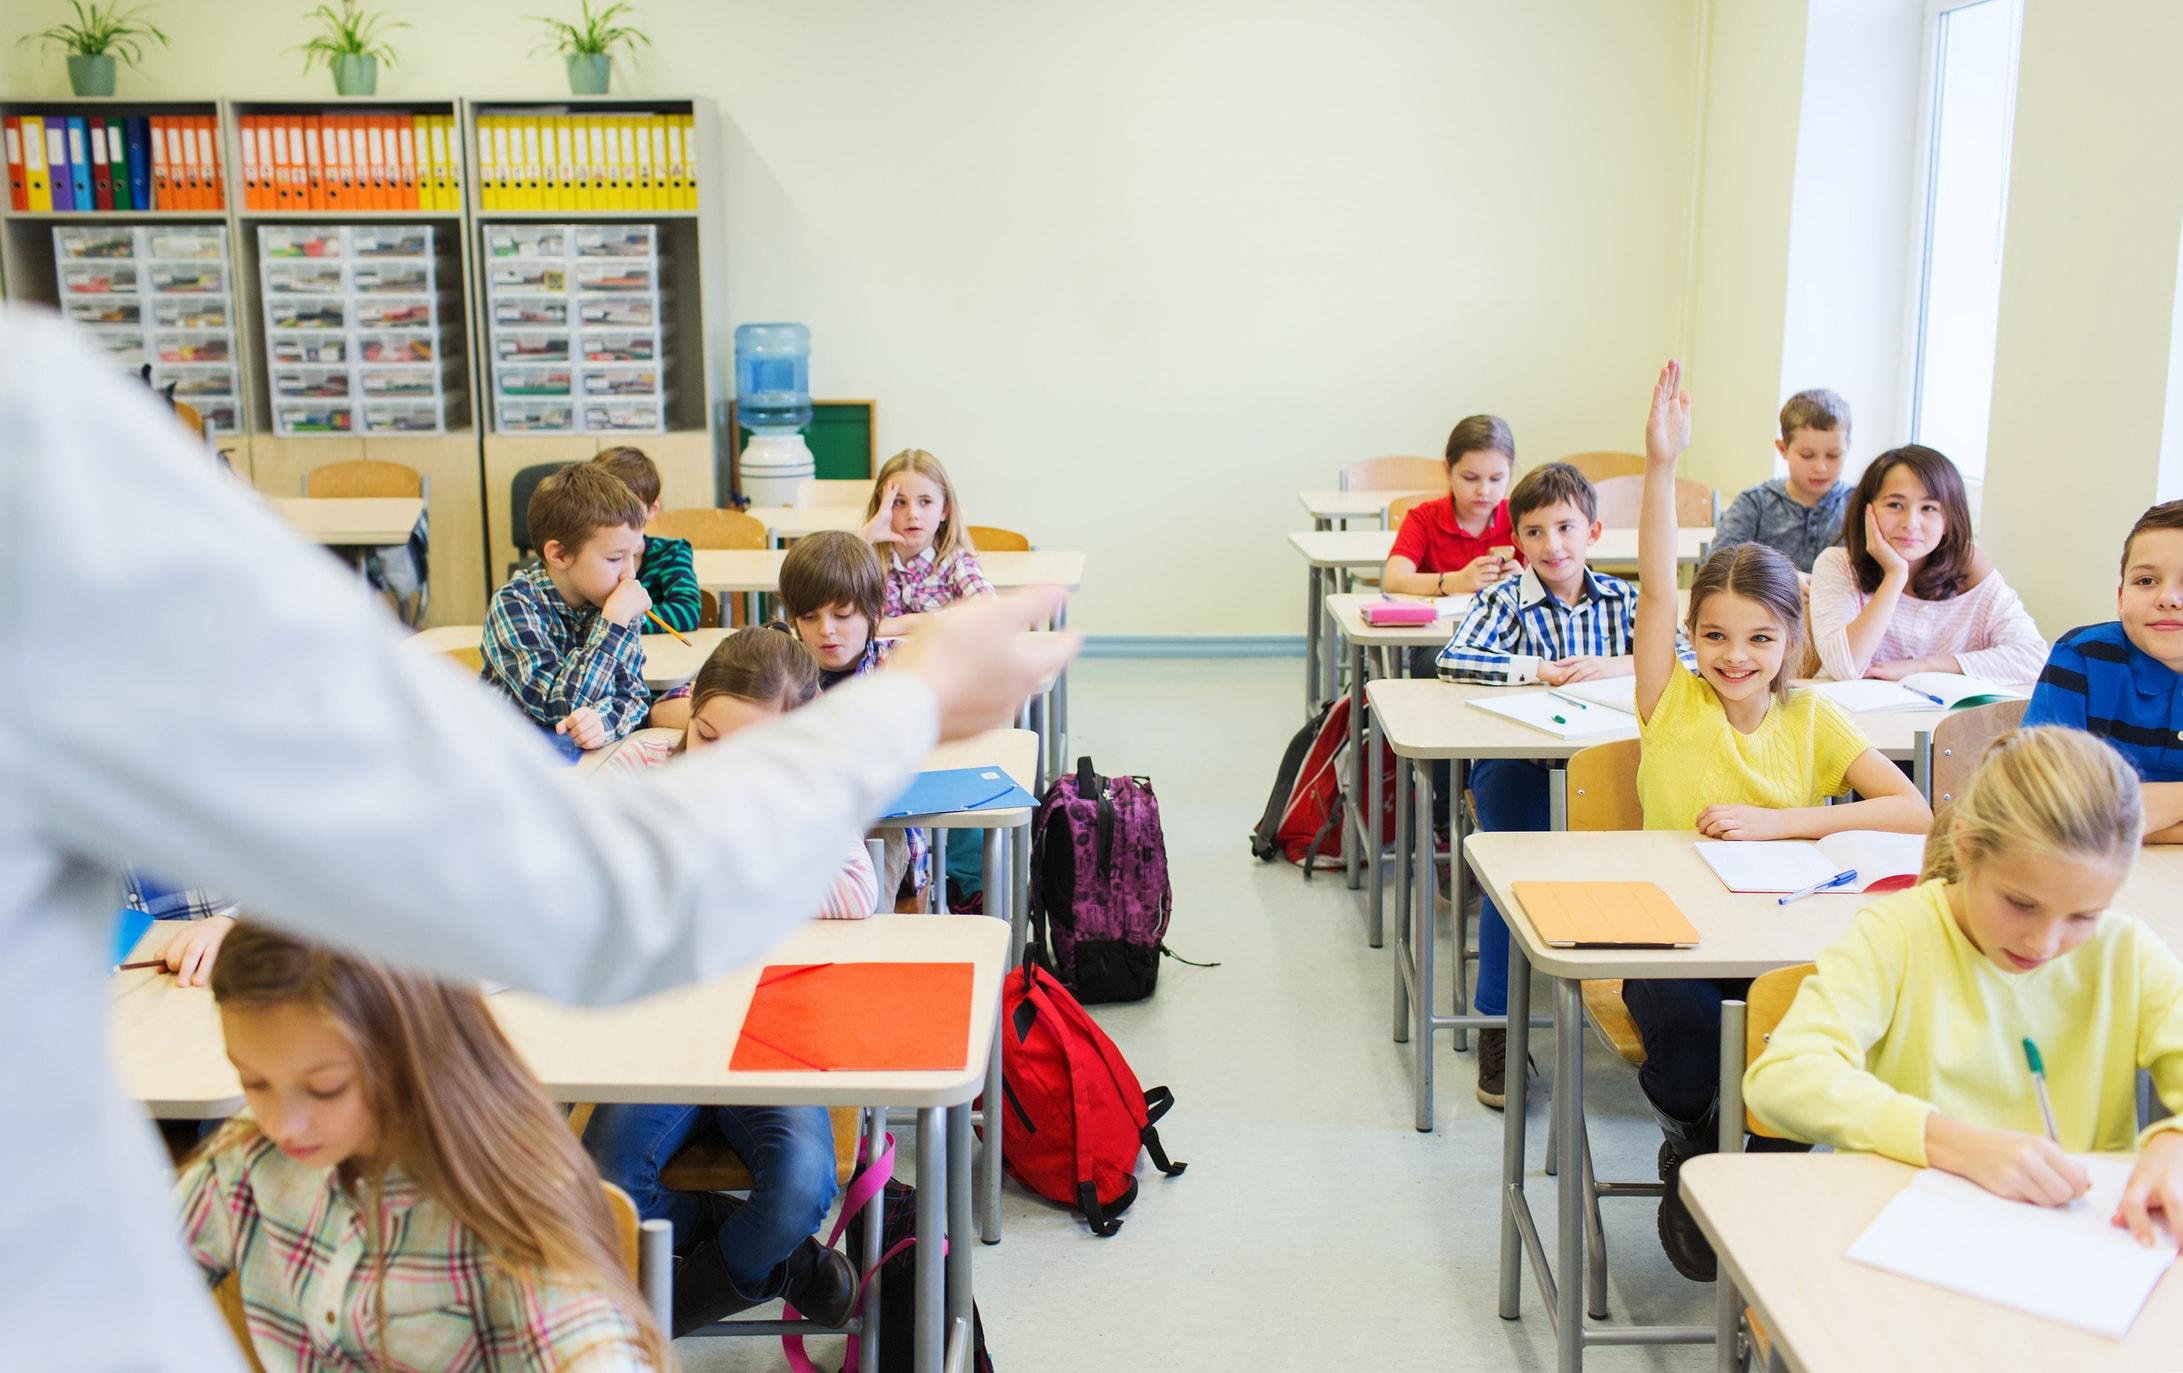 دراسة جدوى مدرسة أهلية